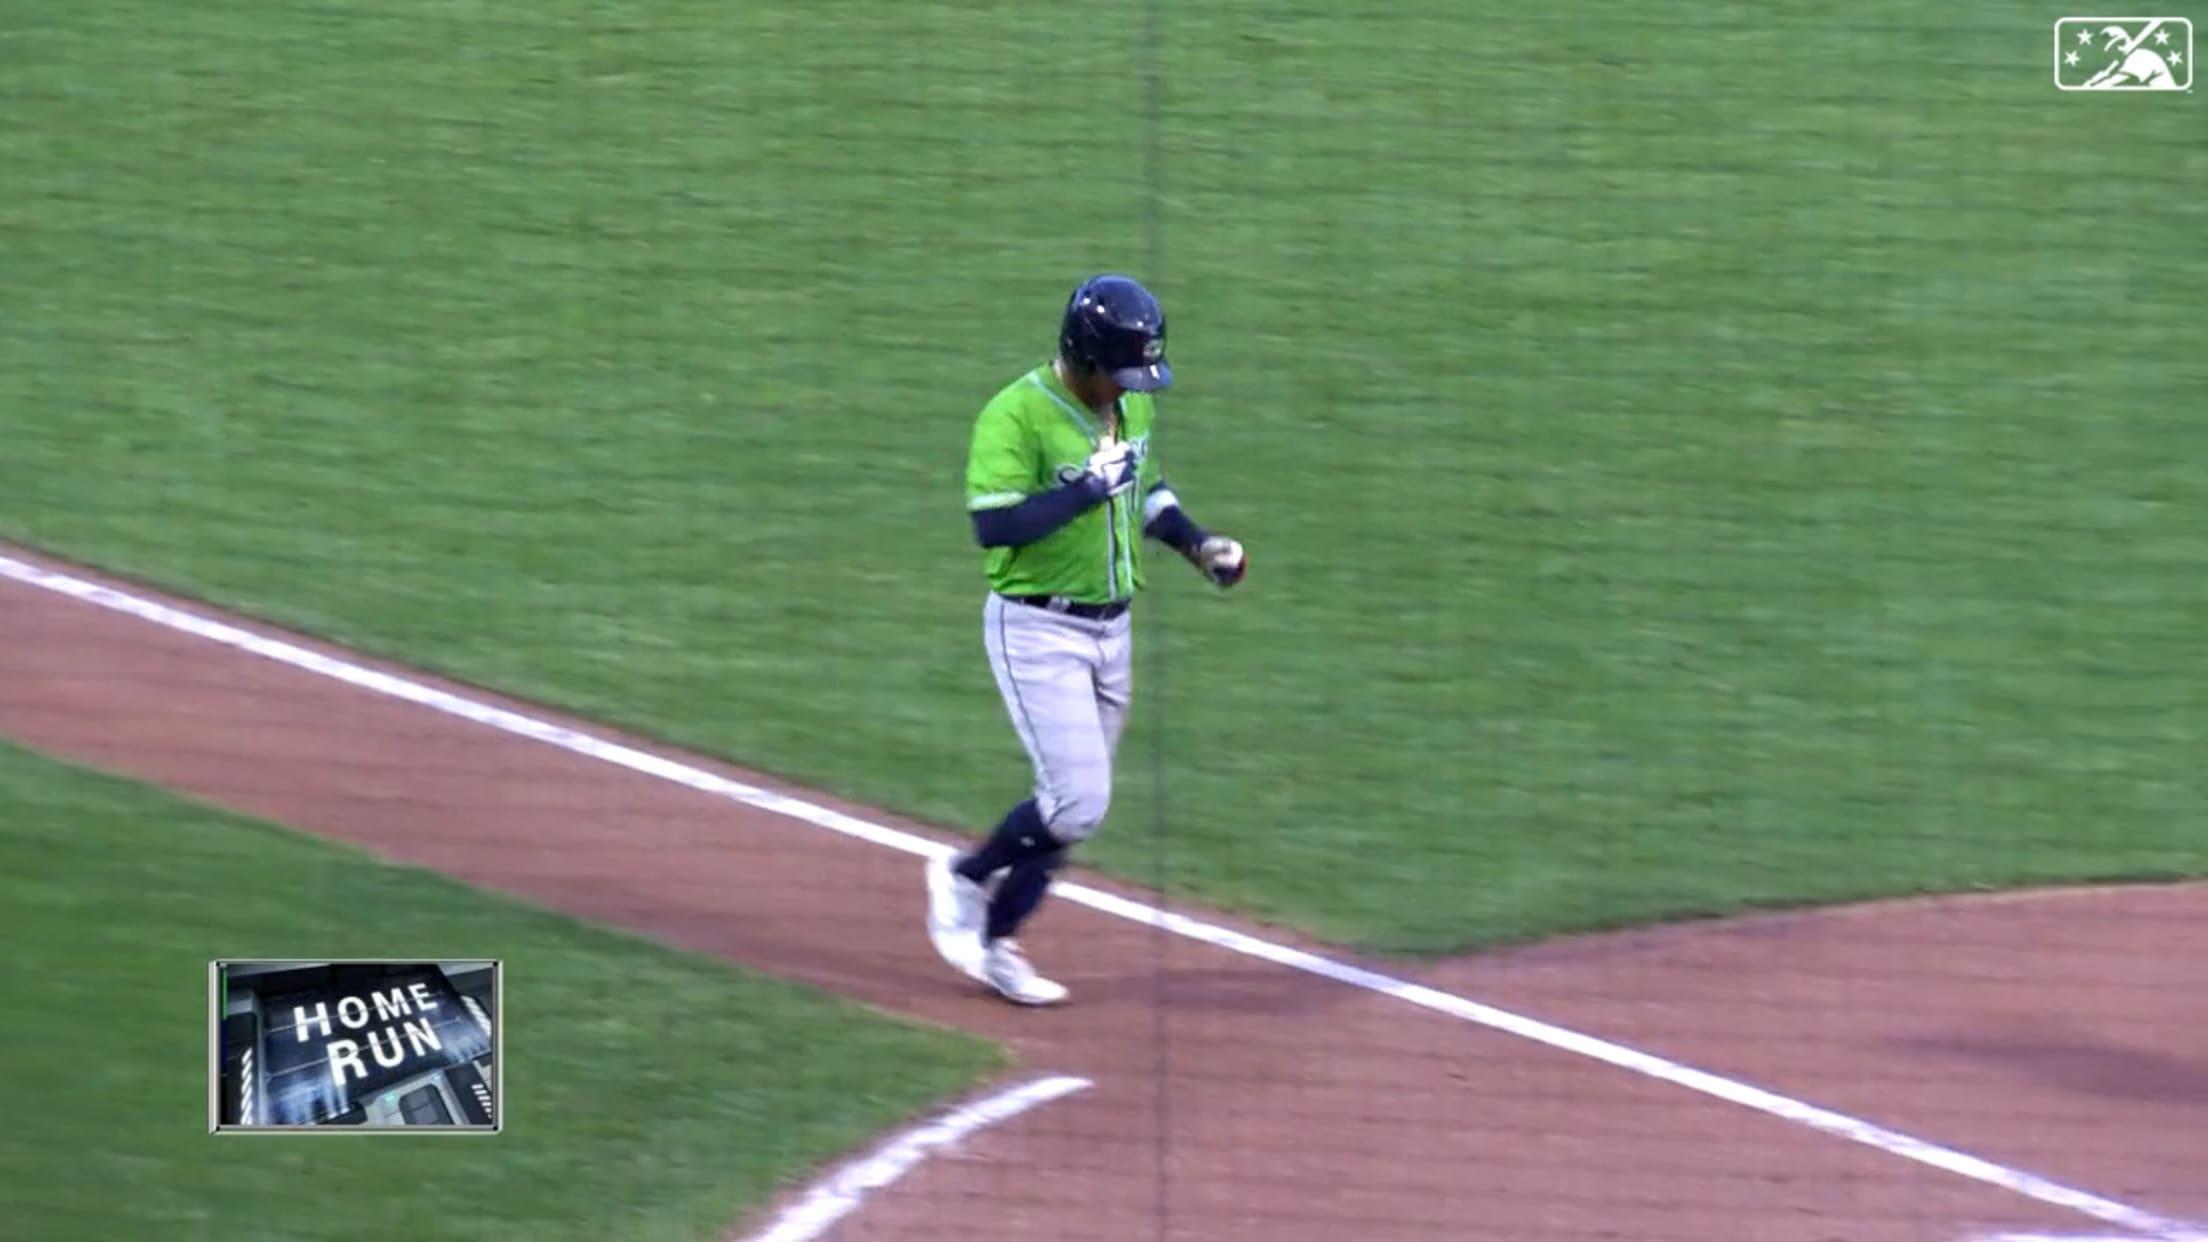 Pache hits 10th homer